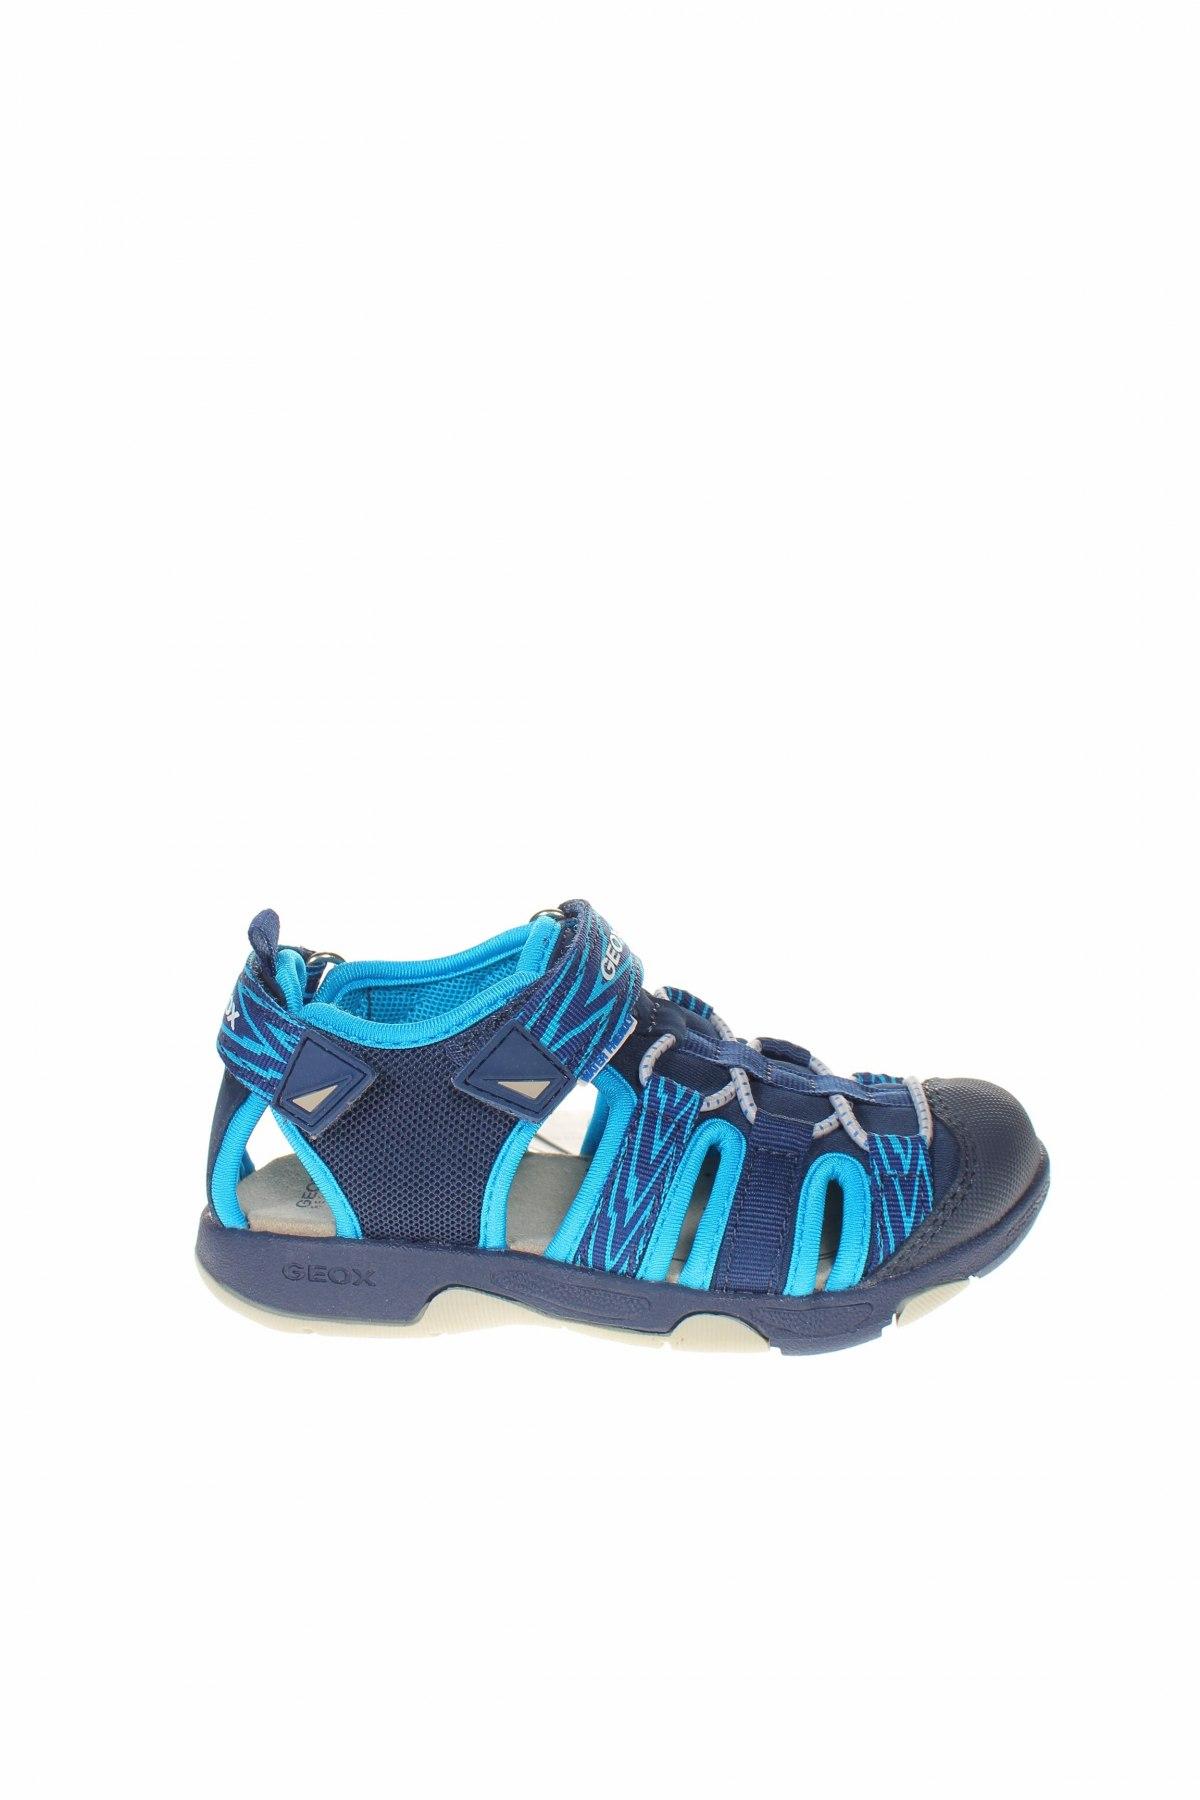 Παιδικά παπούτσια Geox, Μέγεθος 27, Χρώμα Μπλέ, Κλωστοϋφαντουργικά προϊόντα, Τιμή 27,53€